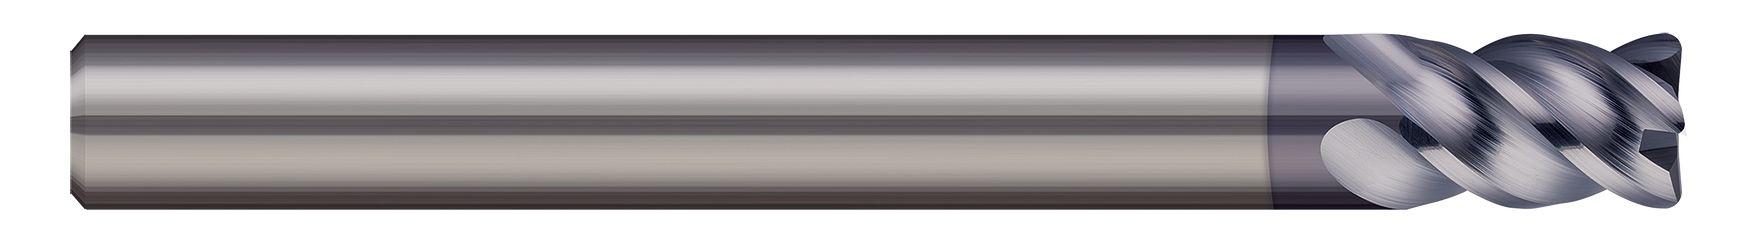 tool-details-HMCM-1620-4X